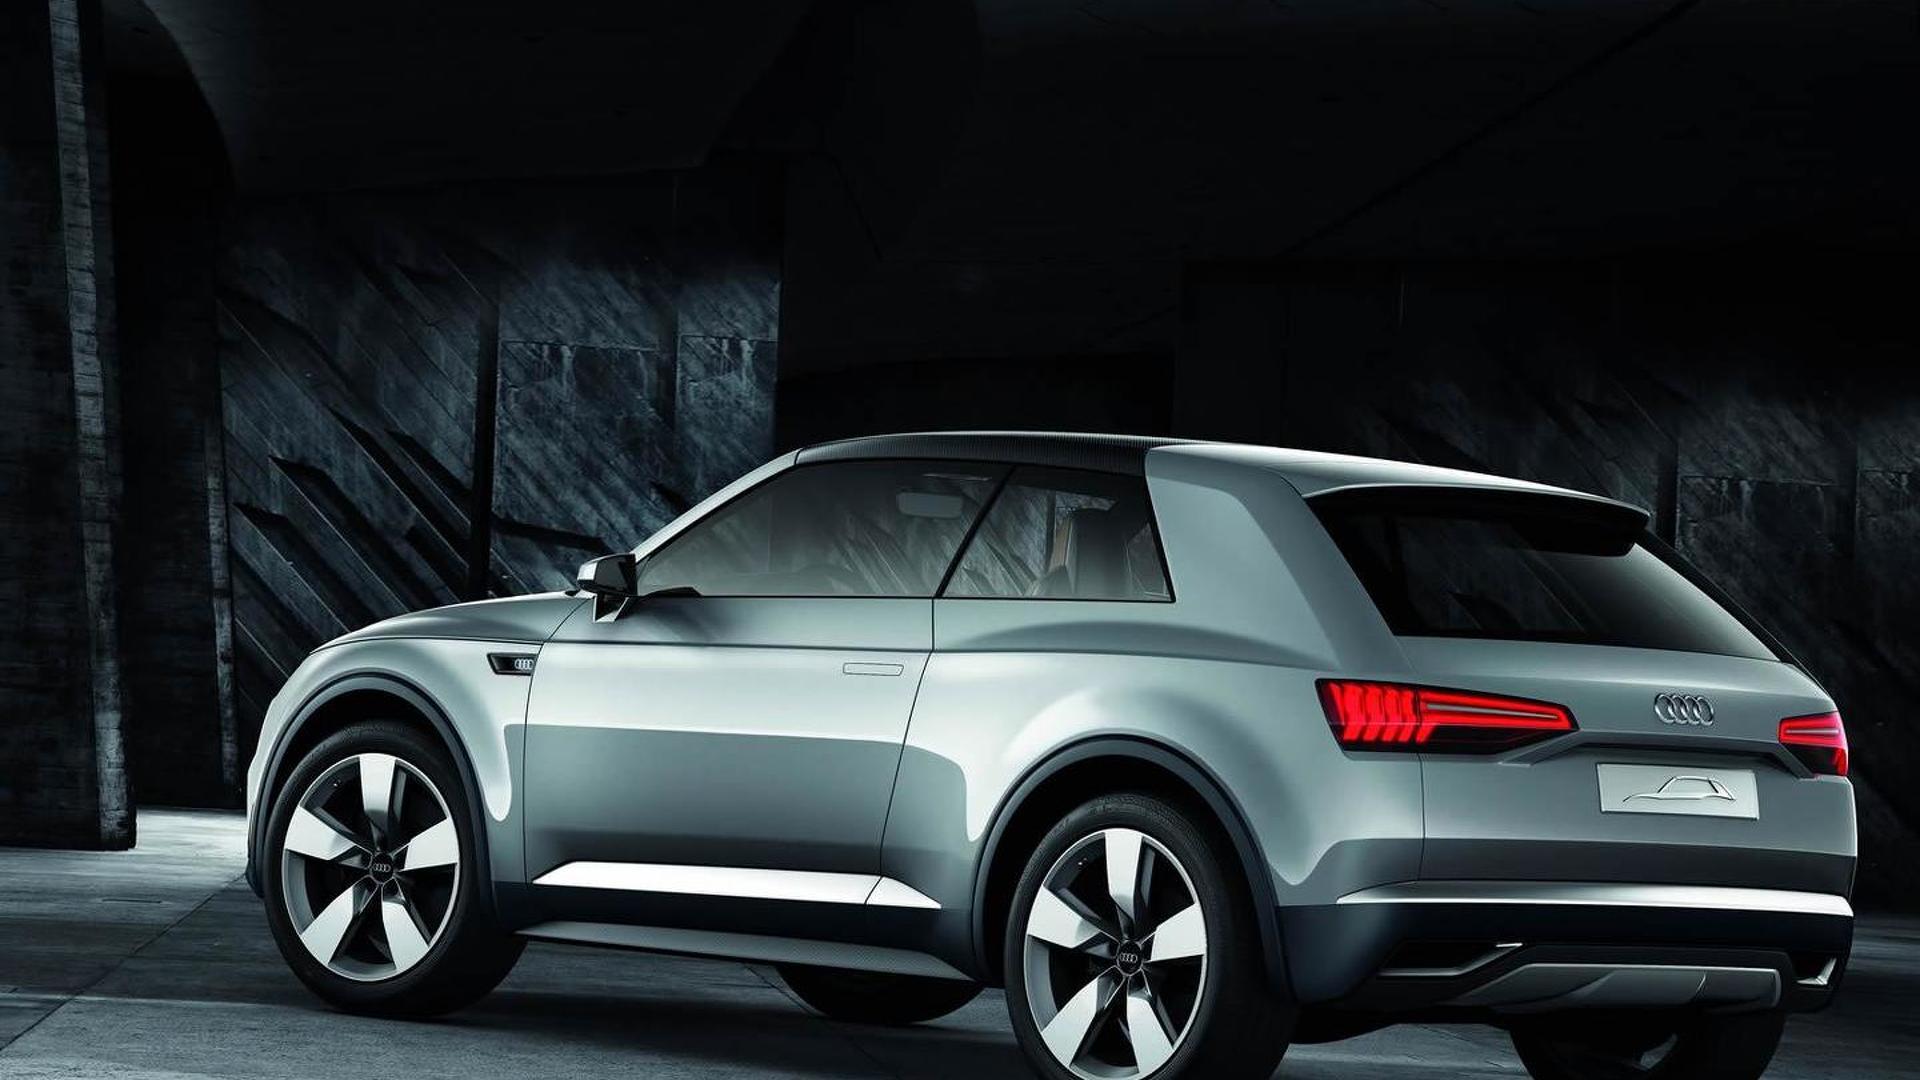 Audi considers Q2, Q4, Q6, Q8, next-gen Q7 to lose 350 kg